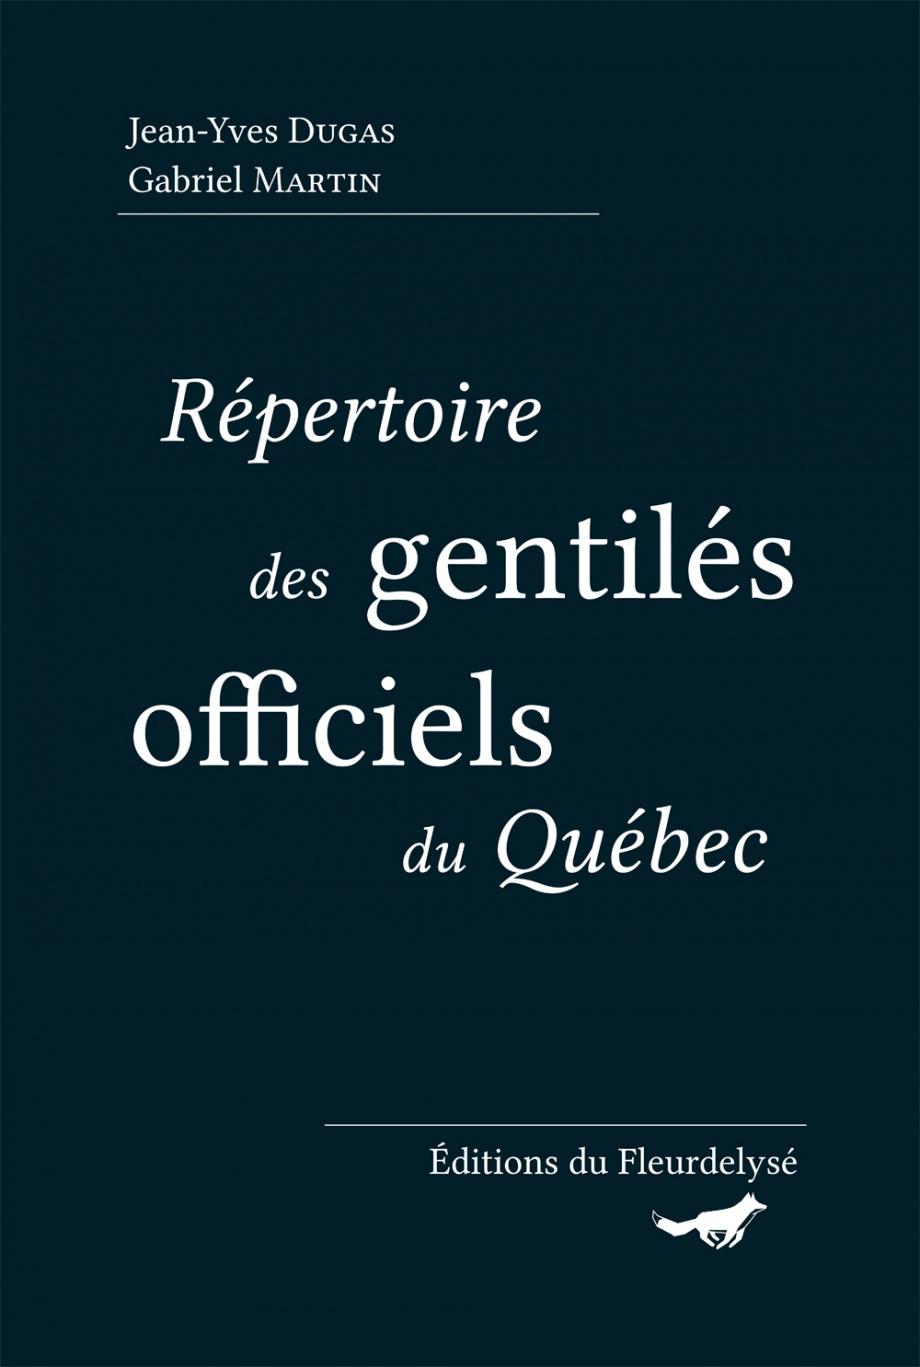 Répertoire des gentilés officiels du Québec